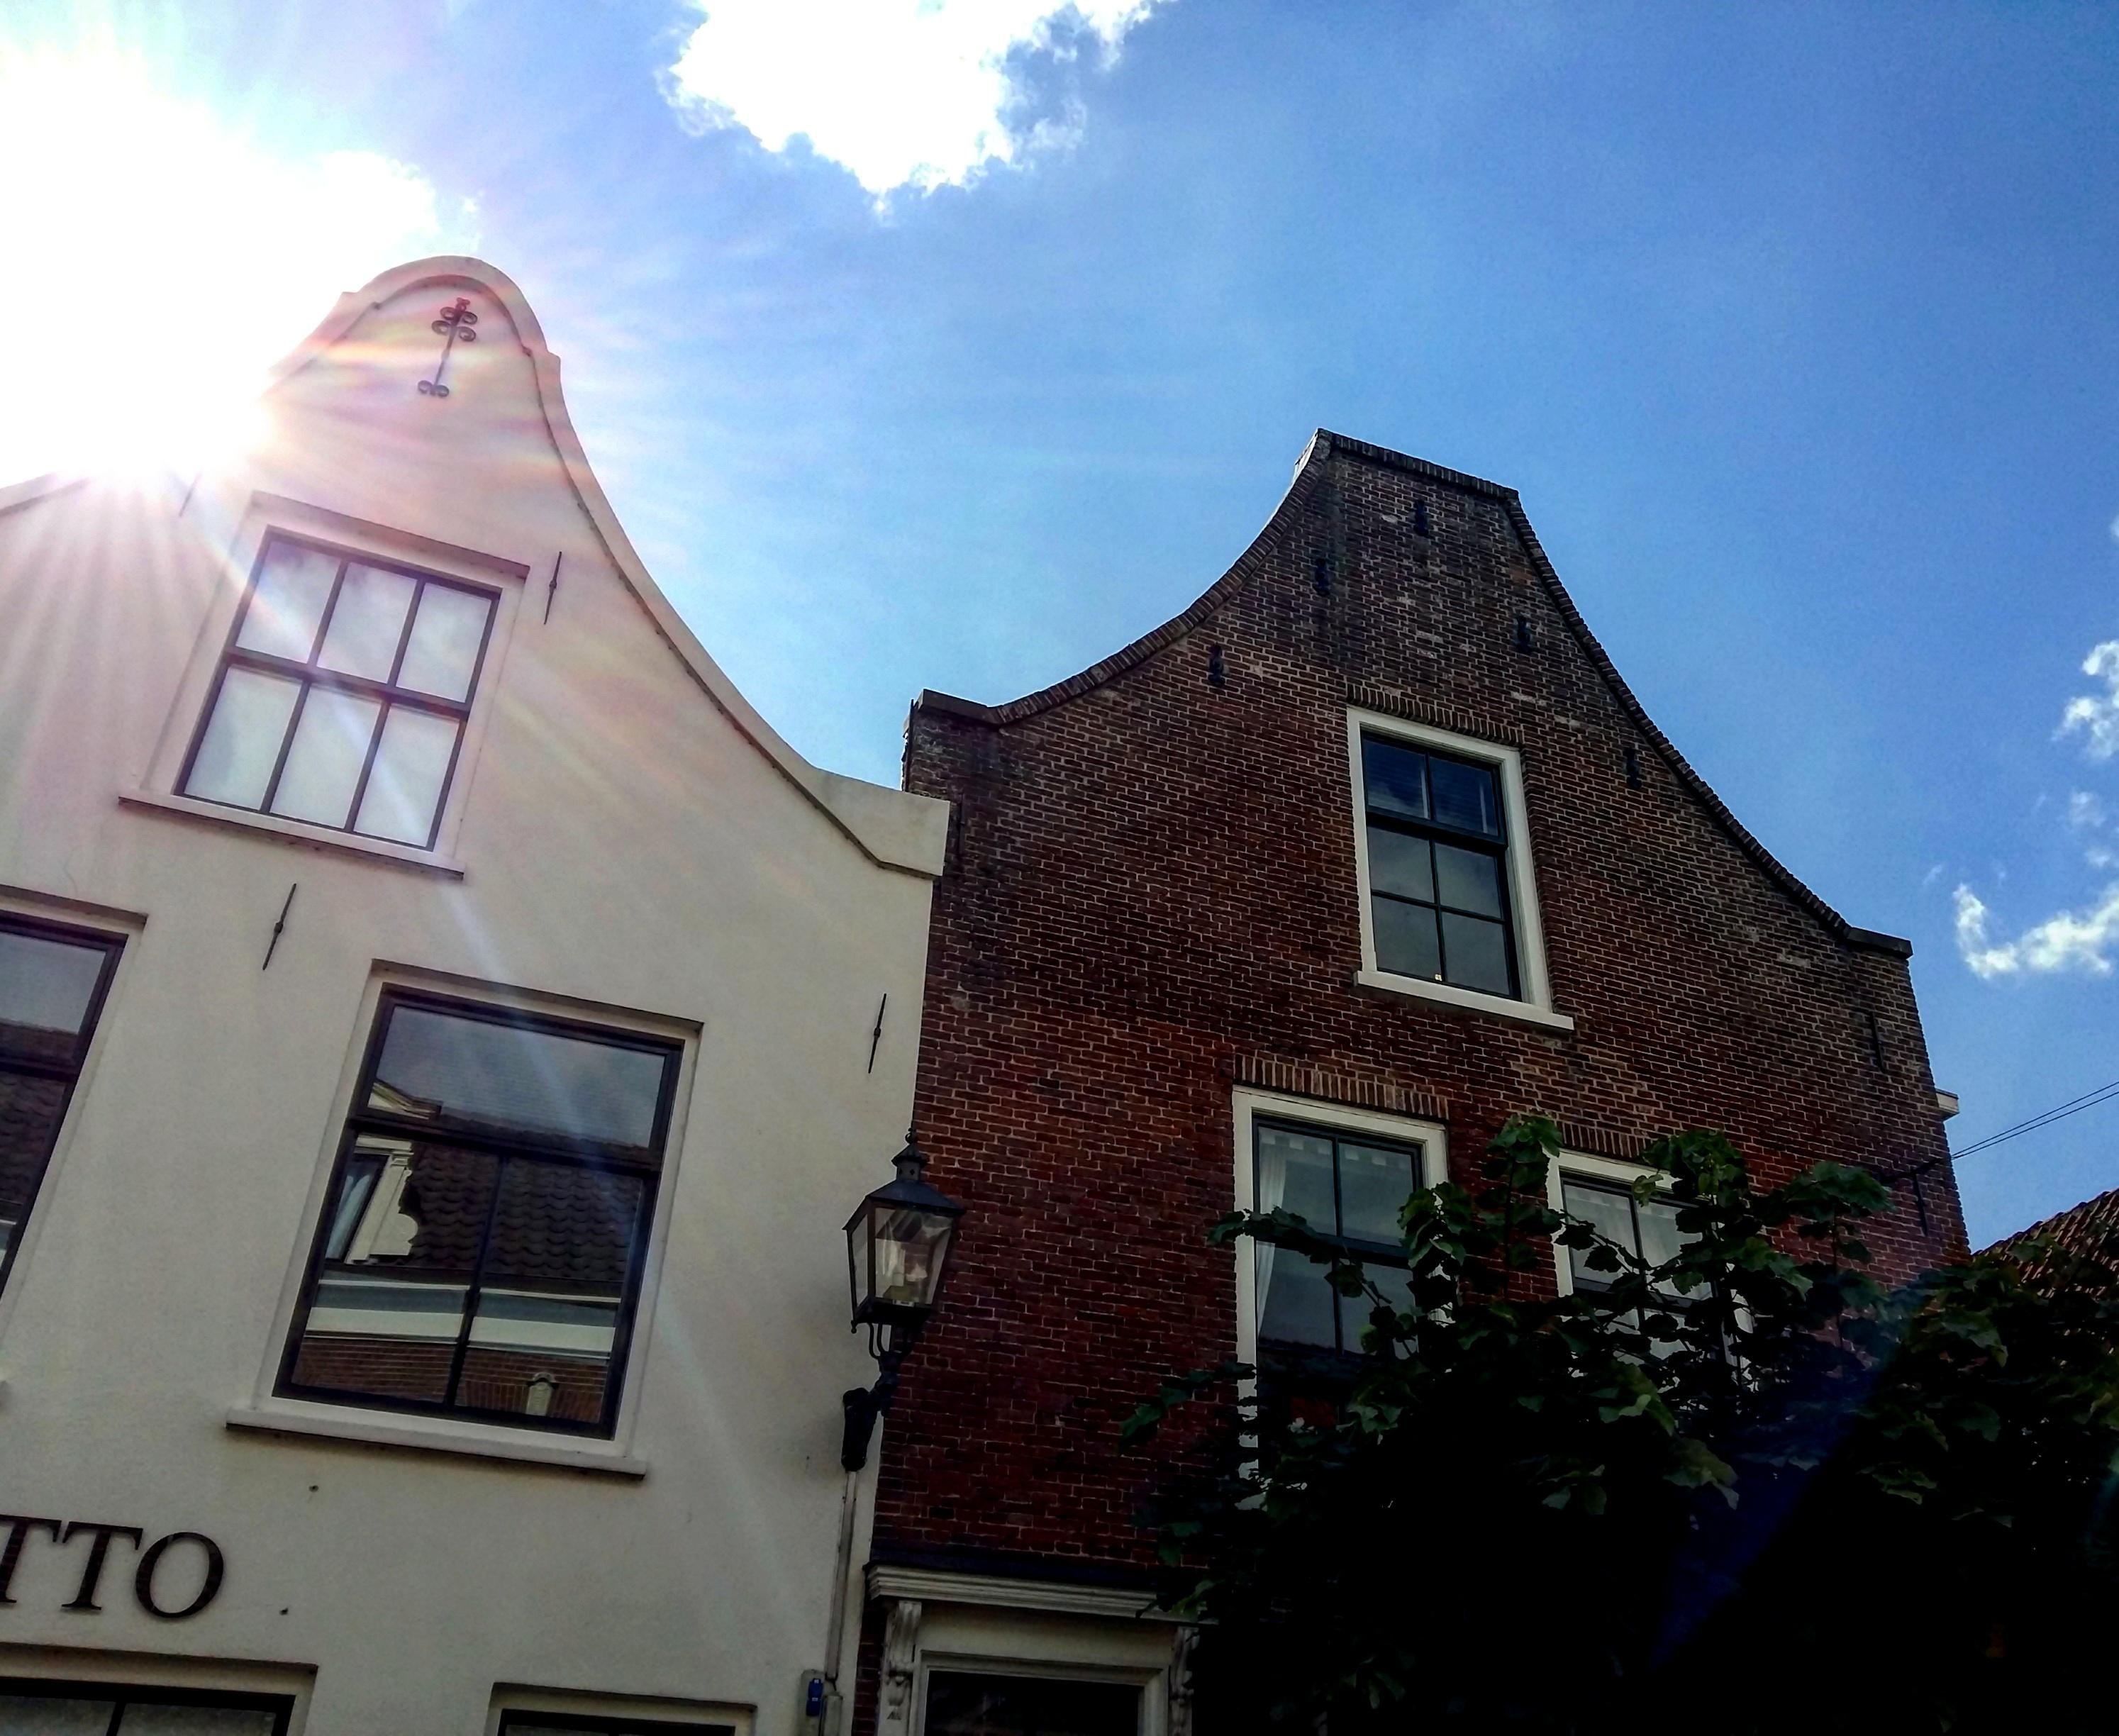 Funda_benschopperstraat_Monumentendag